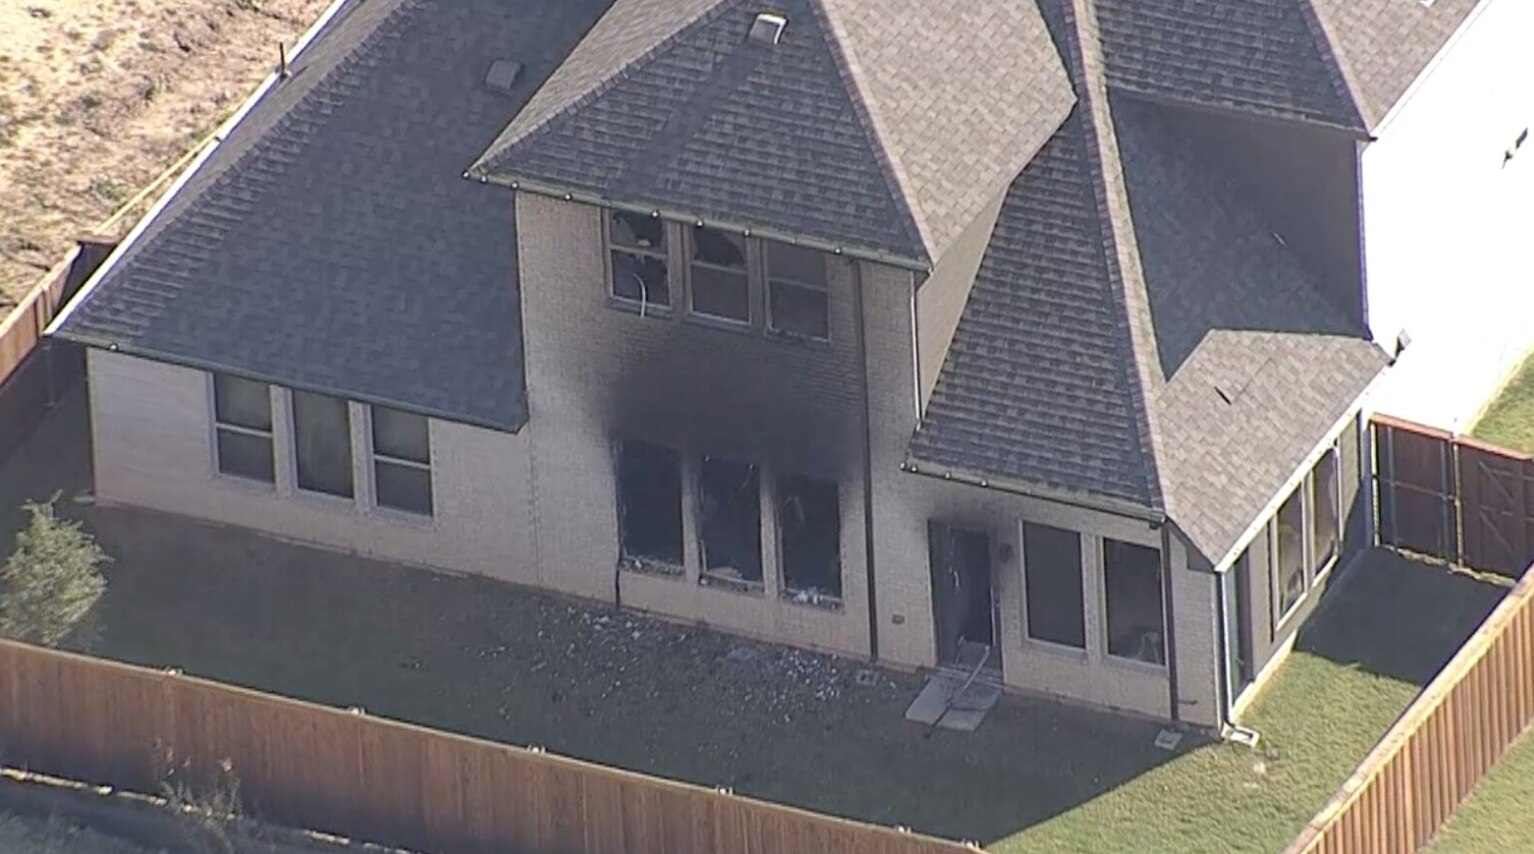 Los bomberos apagaron un incendio en una casa en Celina en donde fue hallado el cuerpo de Blair Carter.